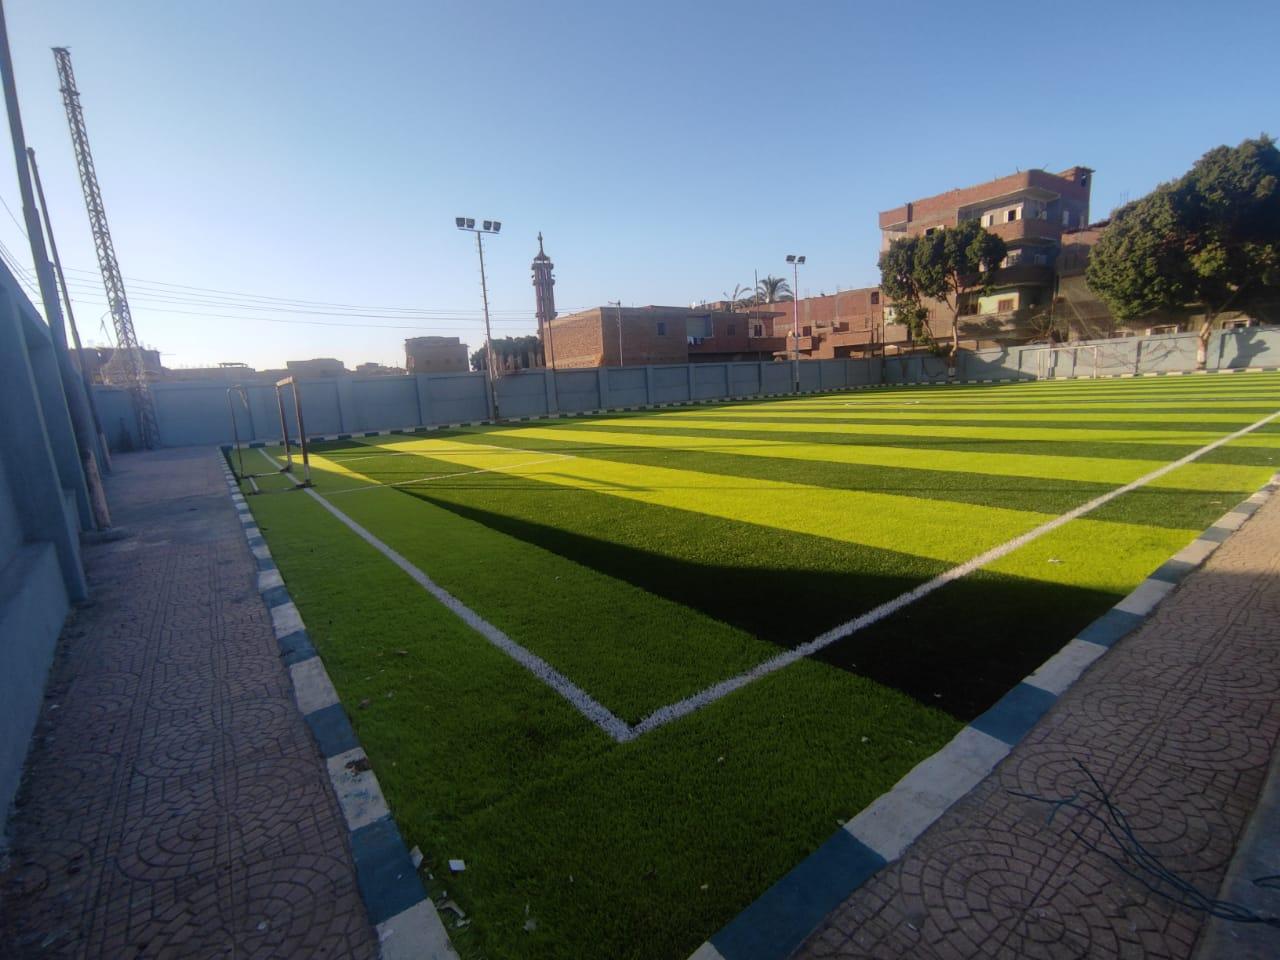 """""""الشباب والرياضة"""": الانتهاء من تطوير 20 مركز شباب بأسيوط ضمن مبادرة """"حياة كريمة"""""""